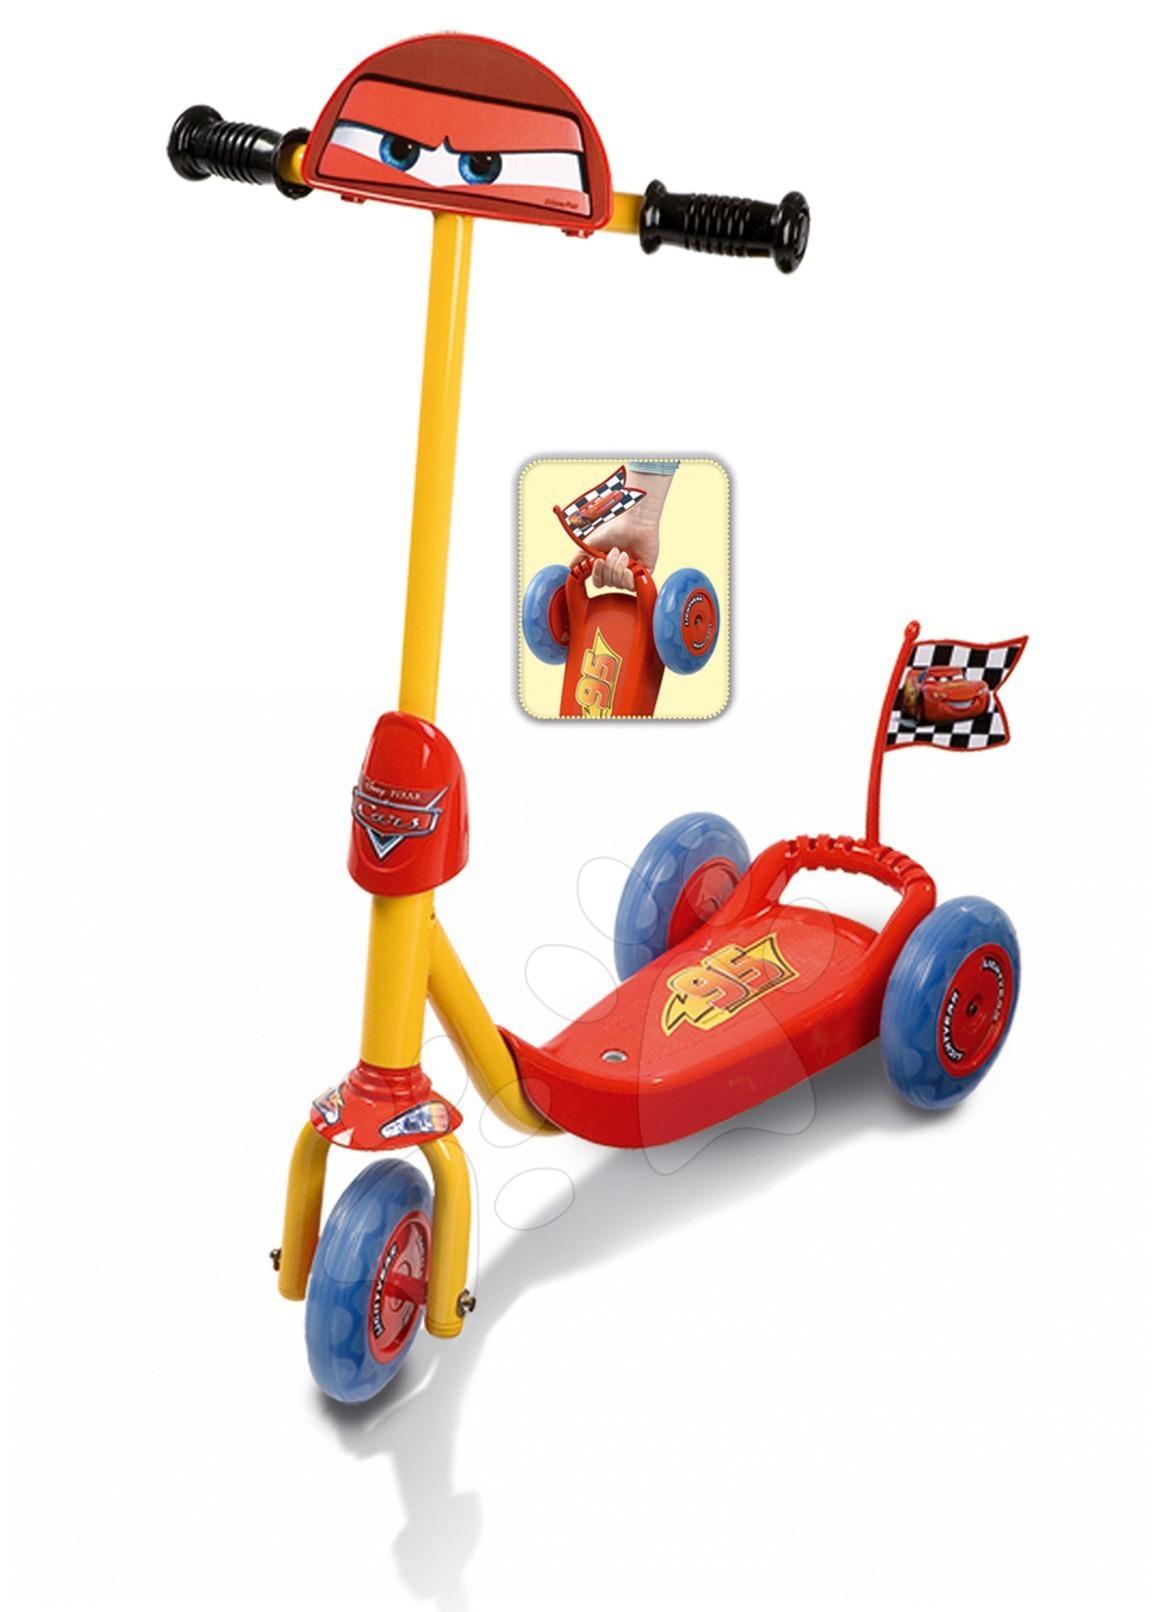 Koloběžka tříkolová Cars Smoby červeno-žluto-modrá